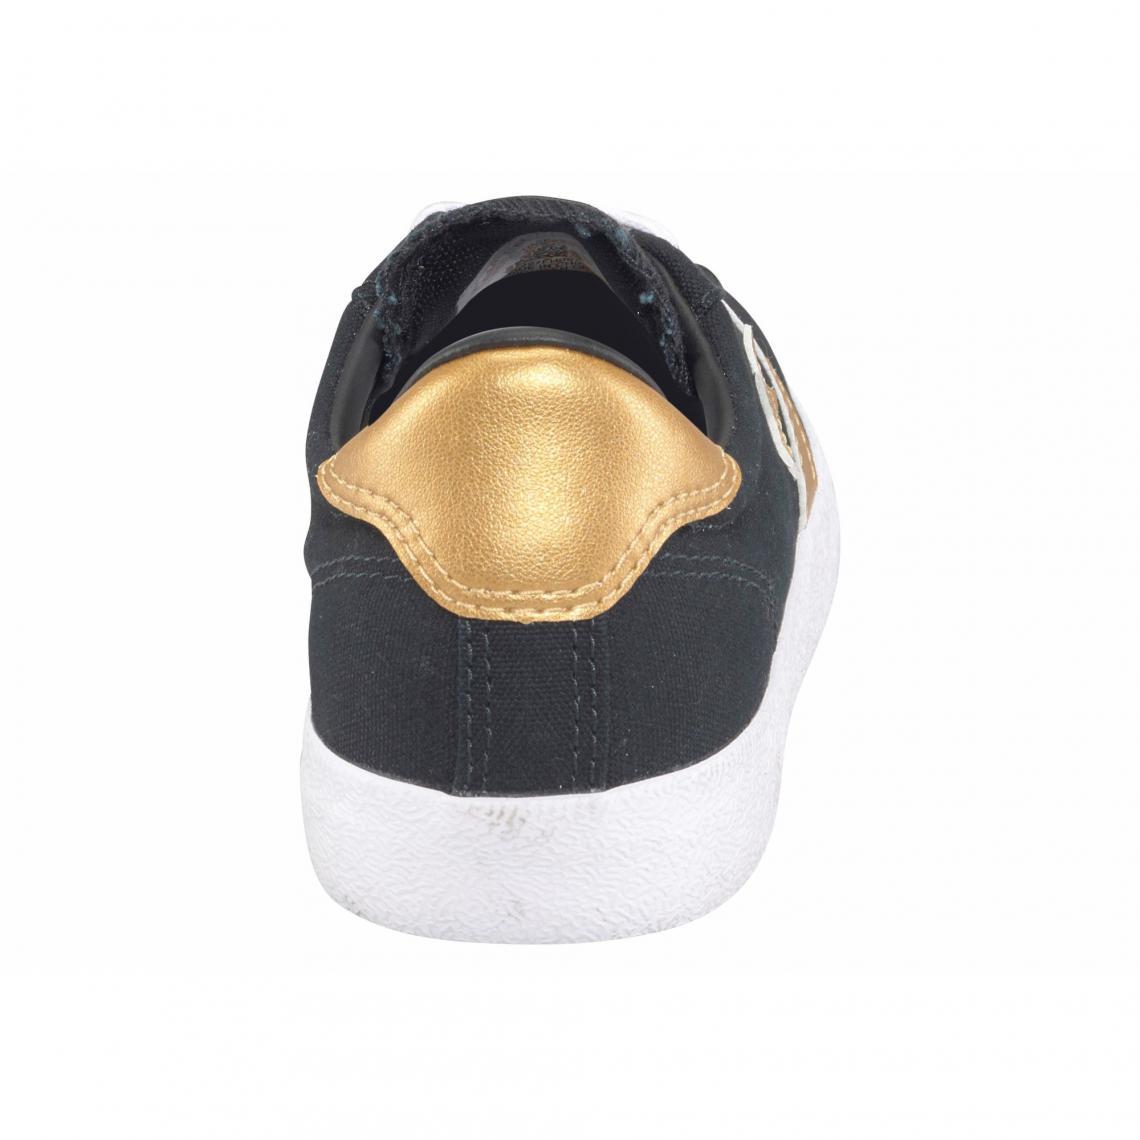 fea14d6691a94 Toutes les chaussures Converse Cliquez l image pour l agrandir. Converse  Breakpoint Ox sneakers basses en toile femme - Noir - Doré Converse